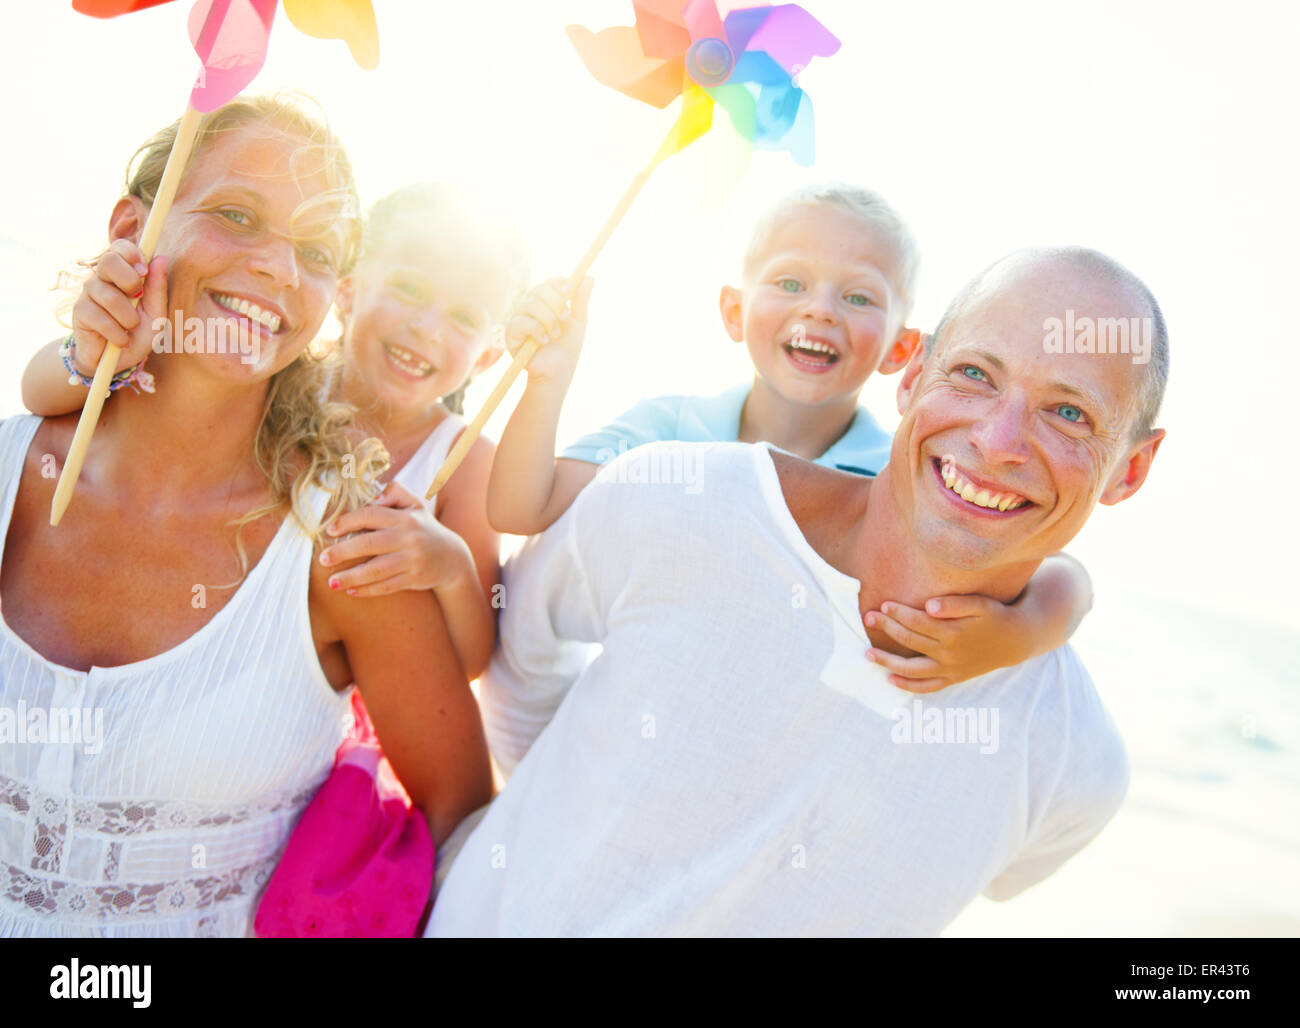 Jeune famille profiter de leurs vacances d'été. Photo Stock